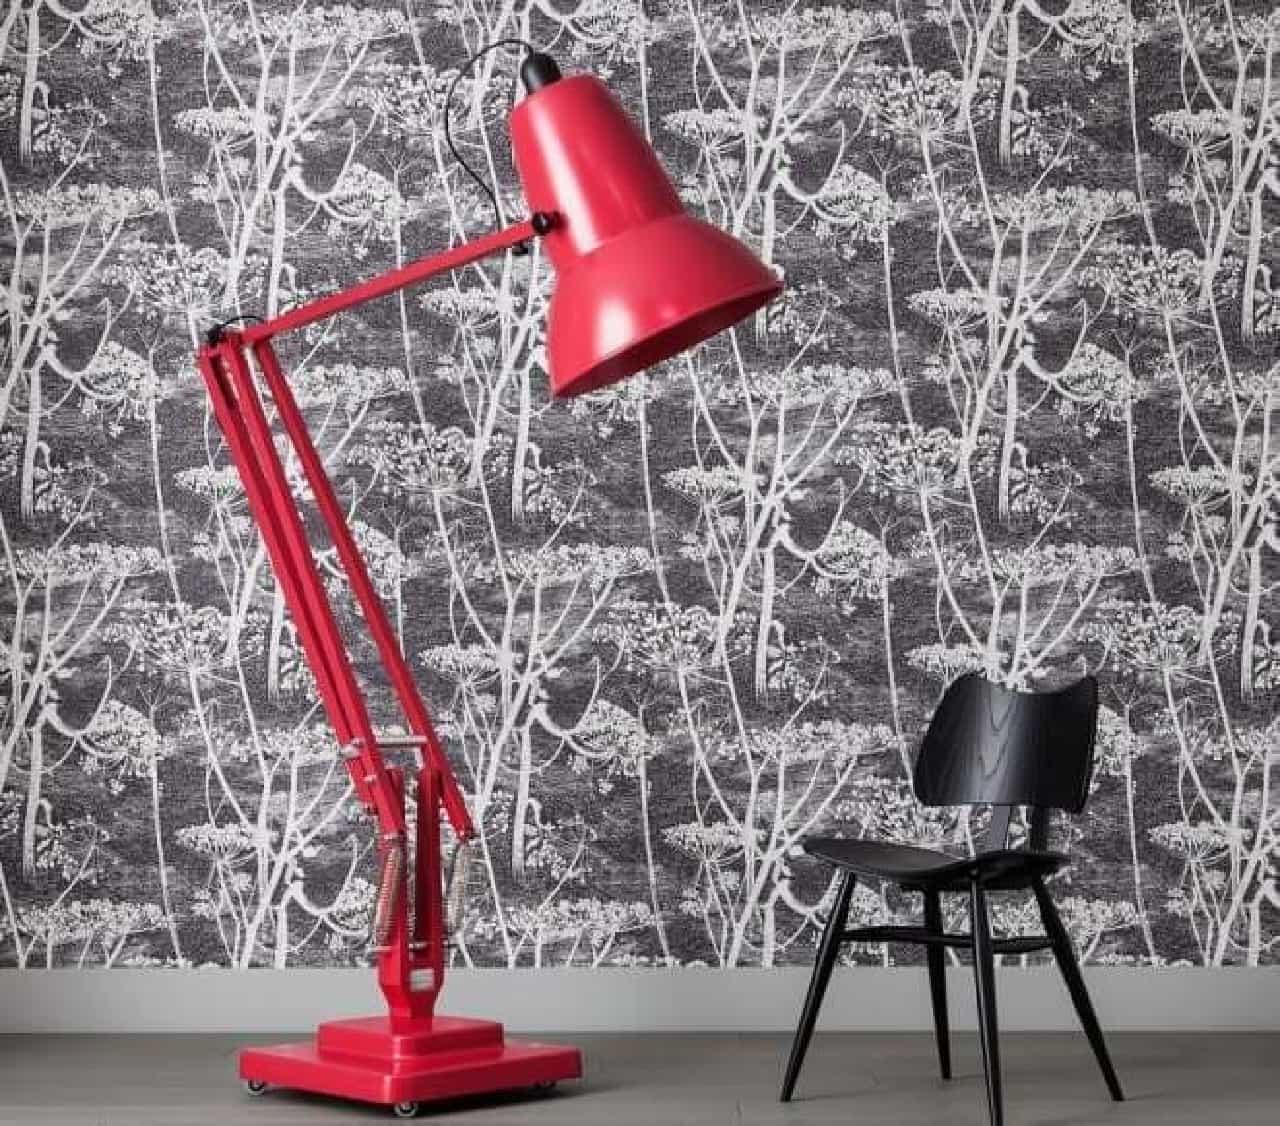 巨大フロアライト「Giant Floor Lamp」